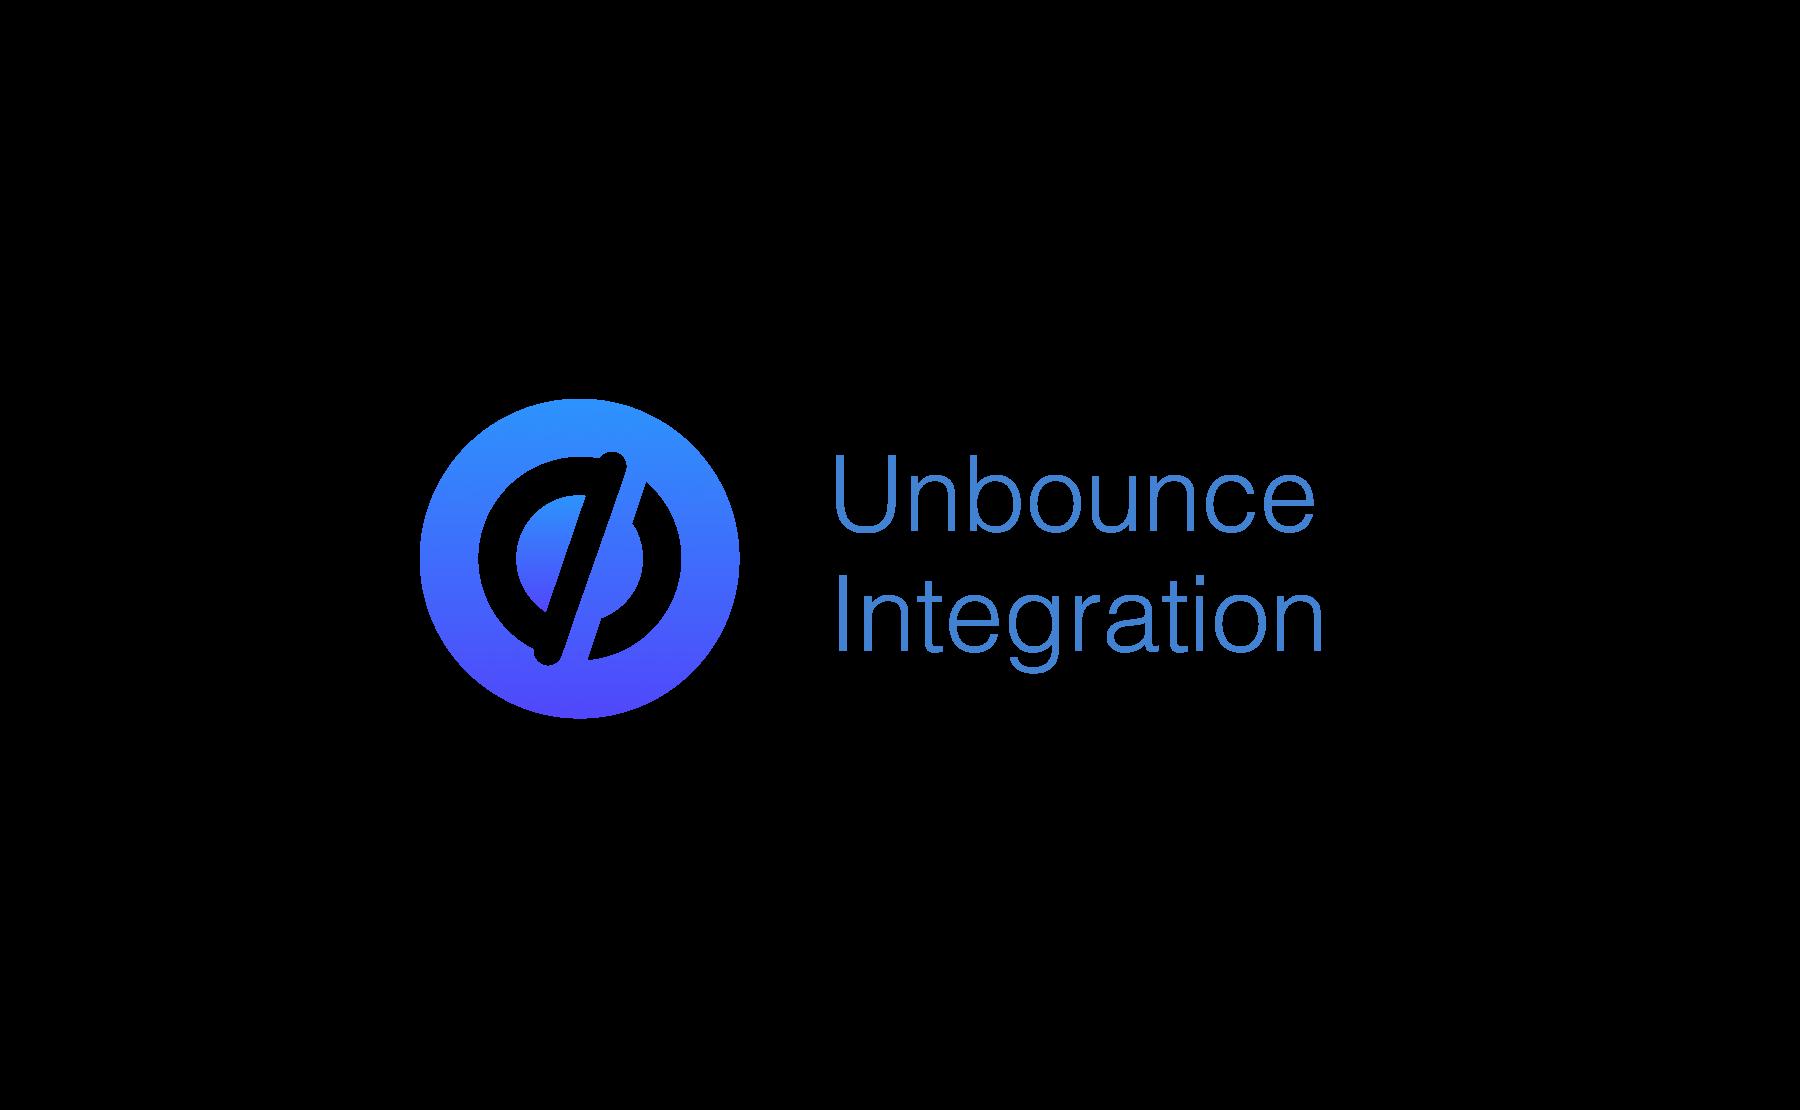 Unbounce Integration